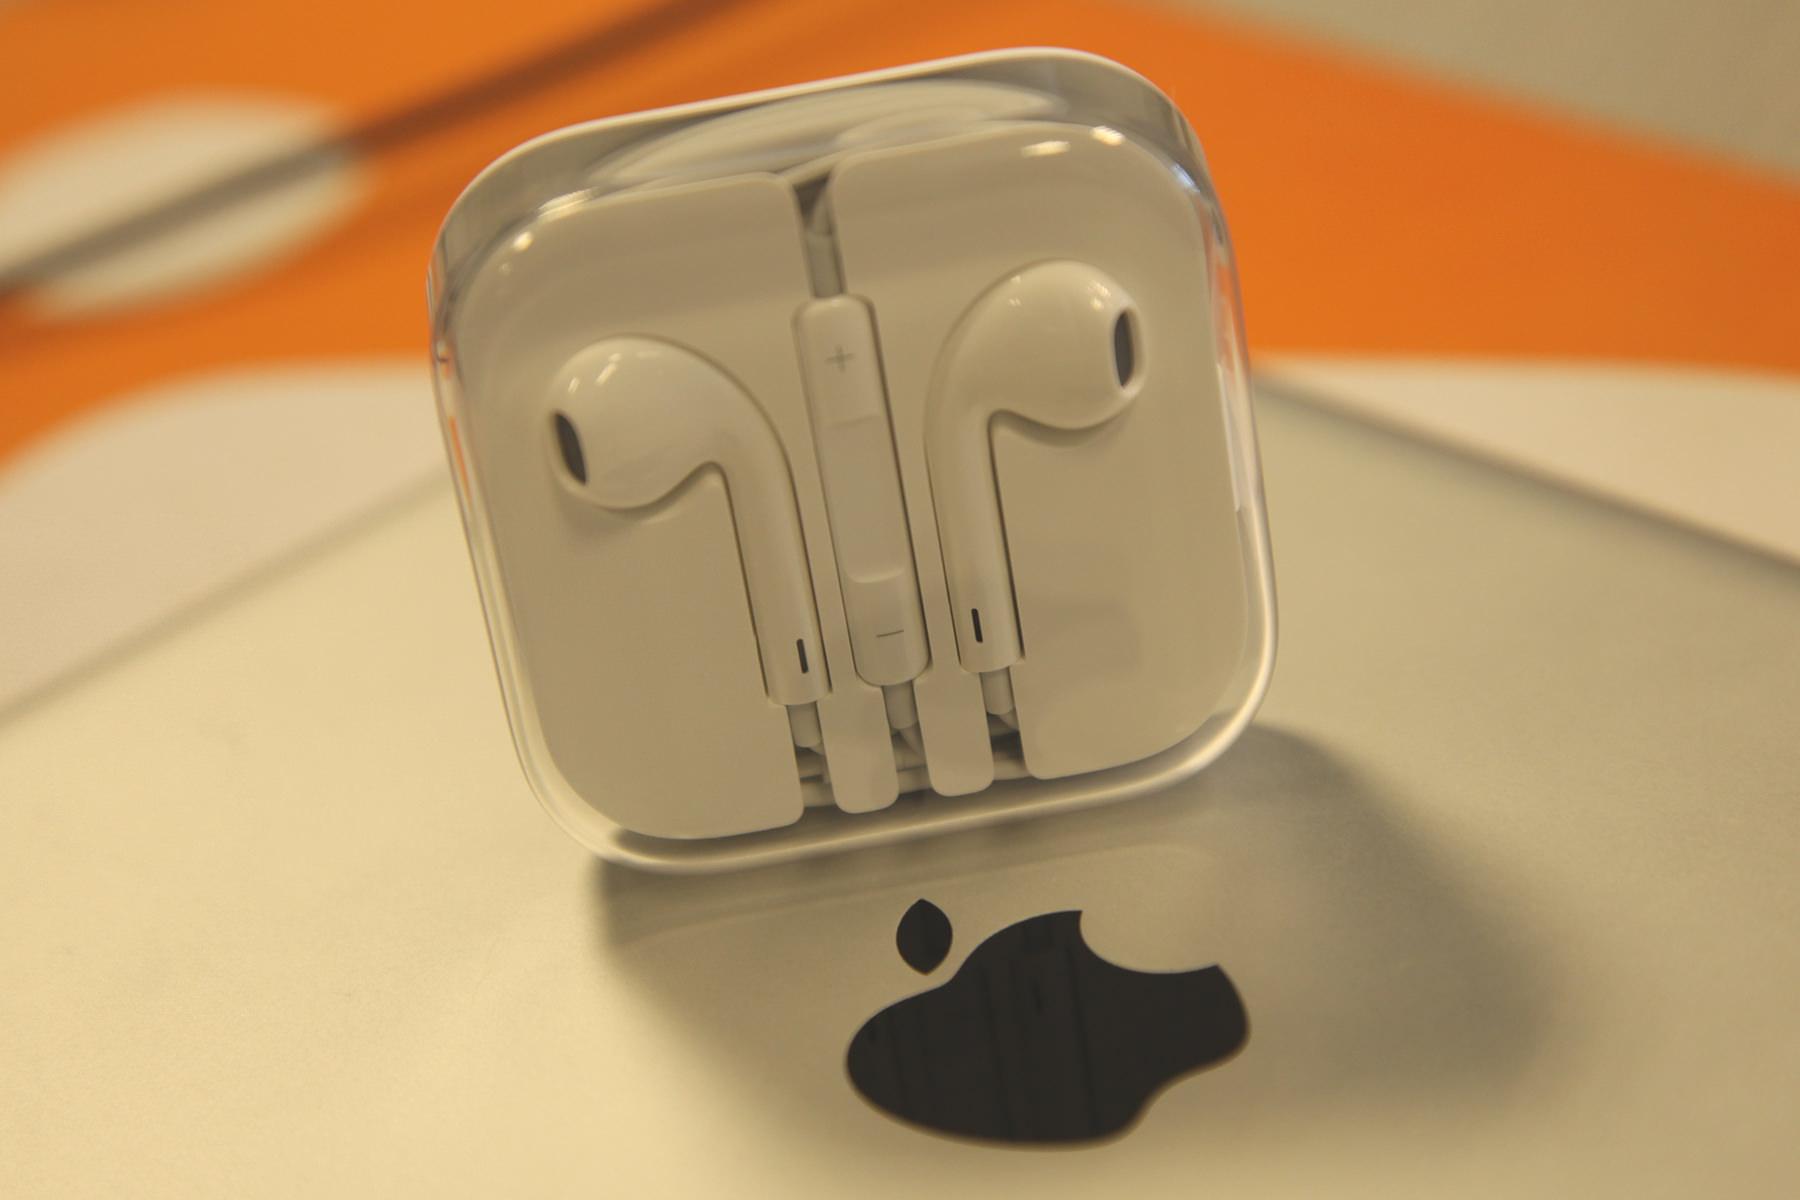 Наушники для iPhone 7 получат систему шумоподавления